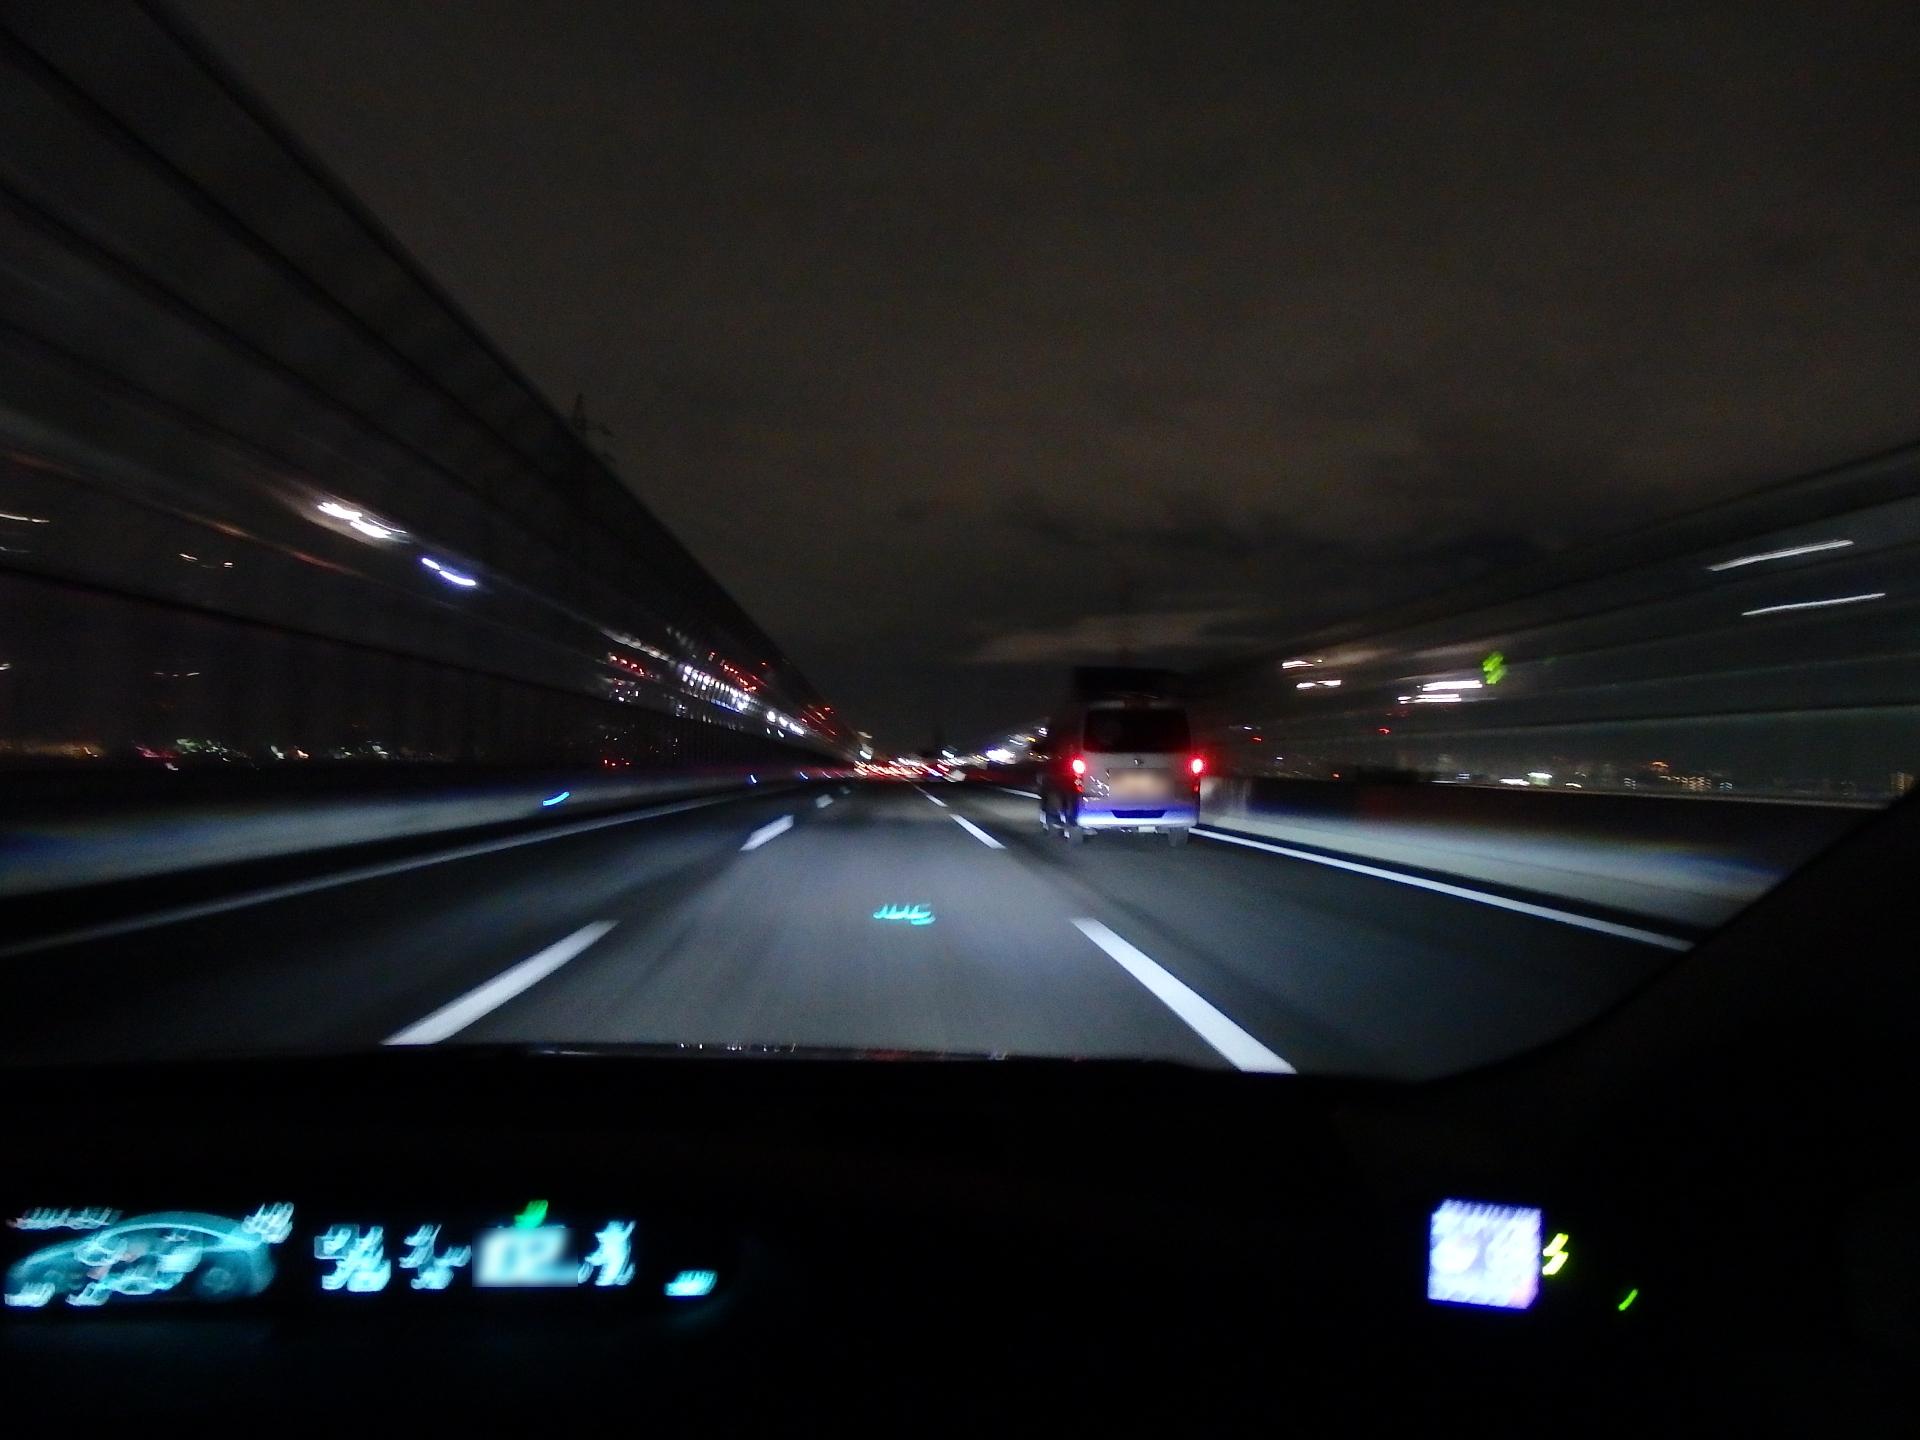 久々に高速を使いました。